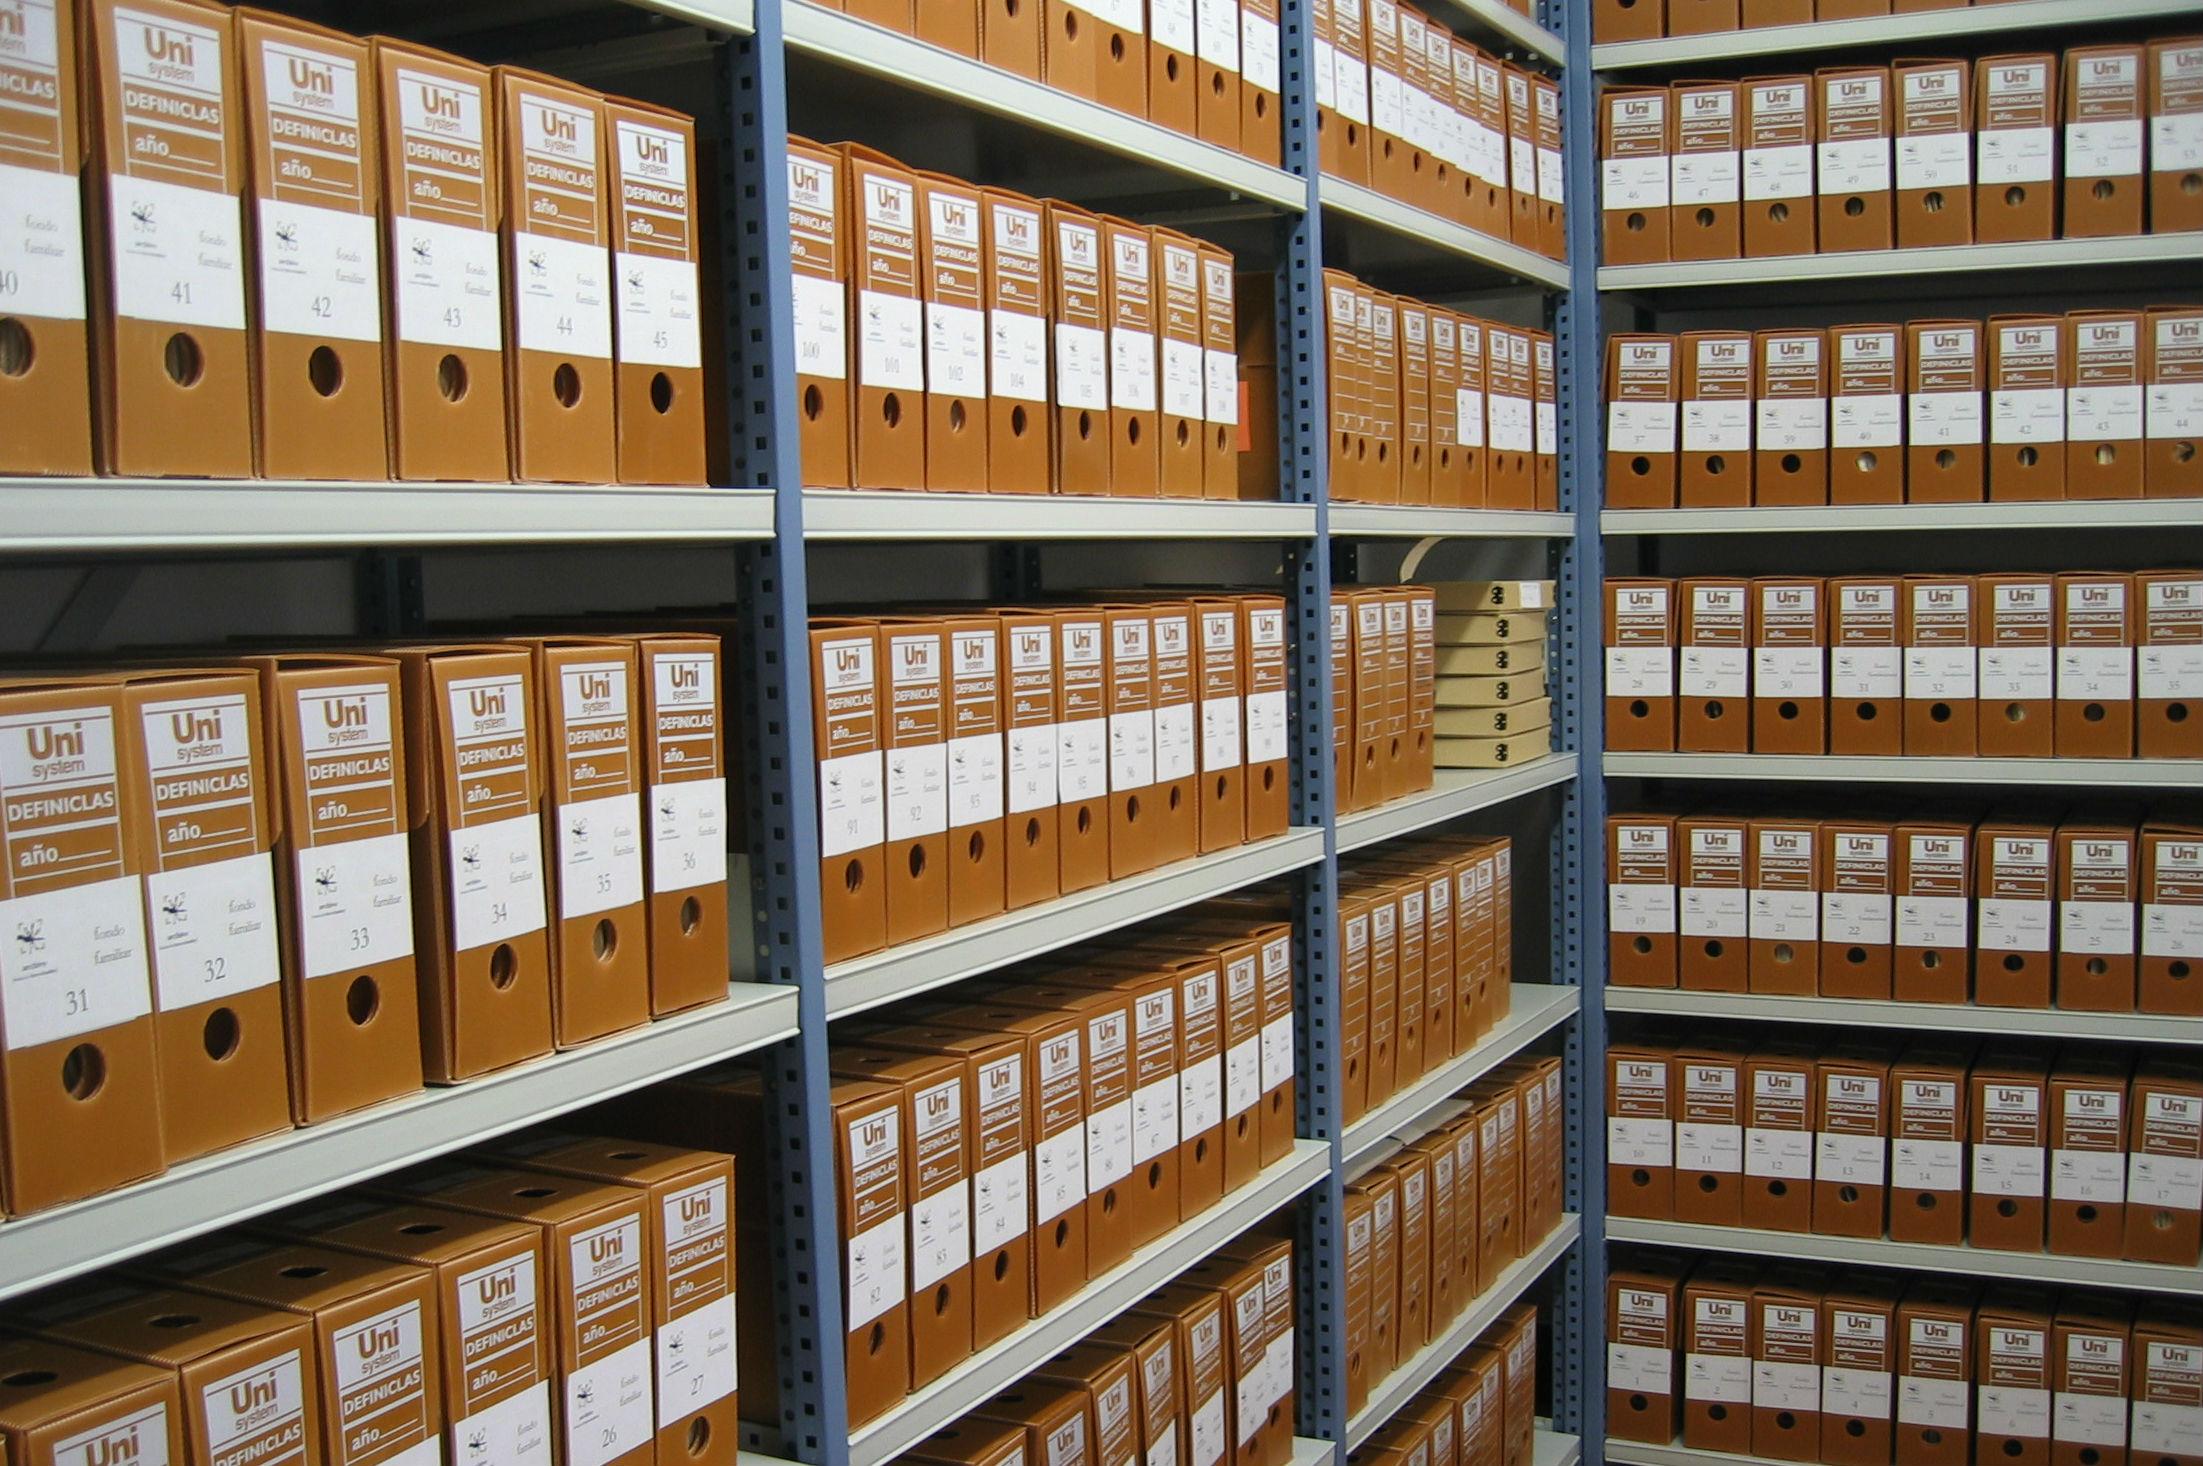 Archivistes et les informaticiens doivent travailler ensemble